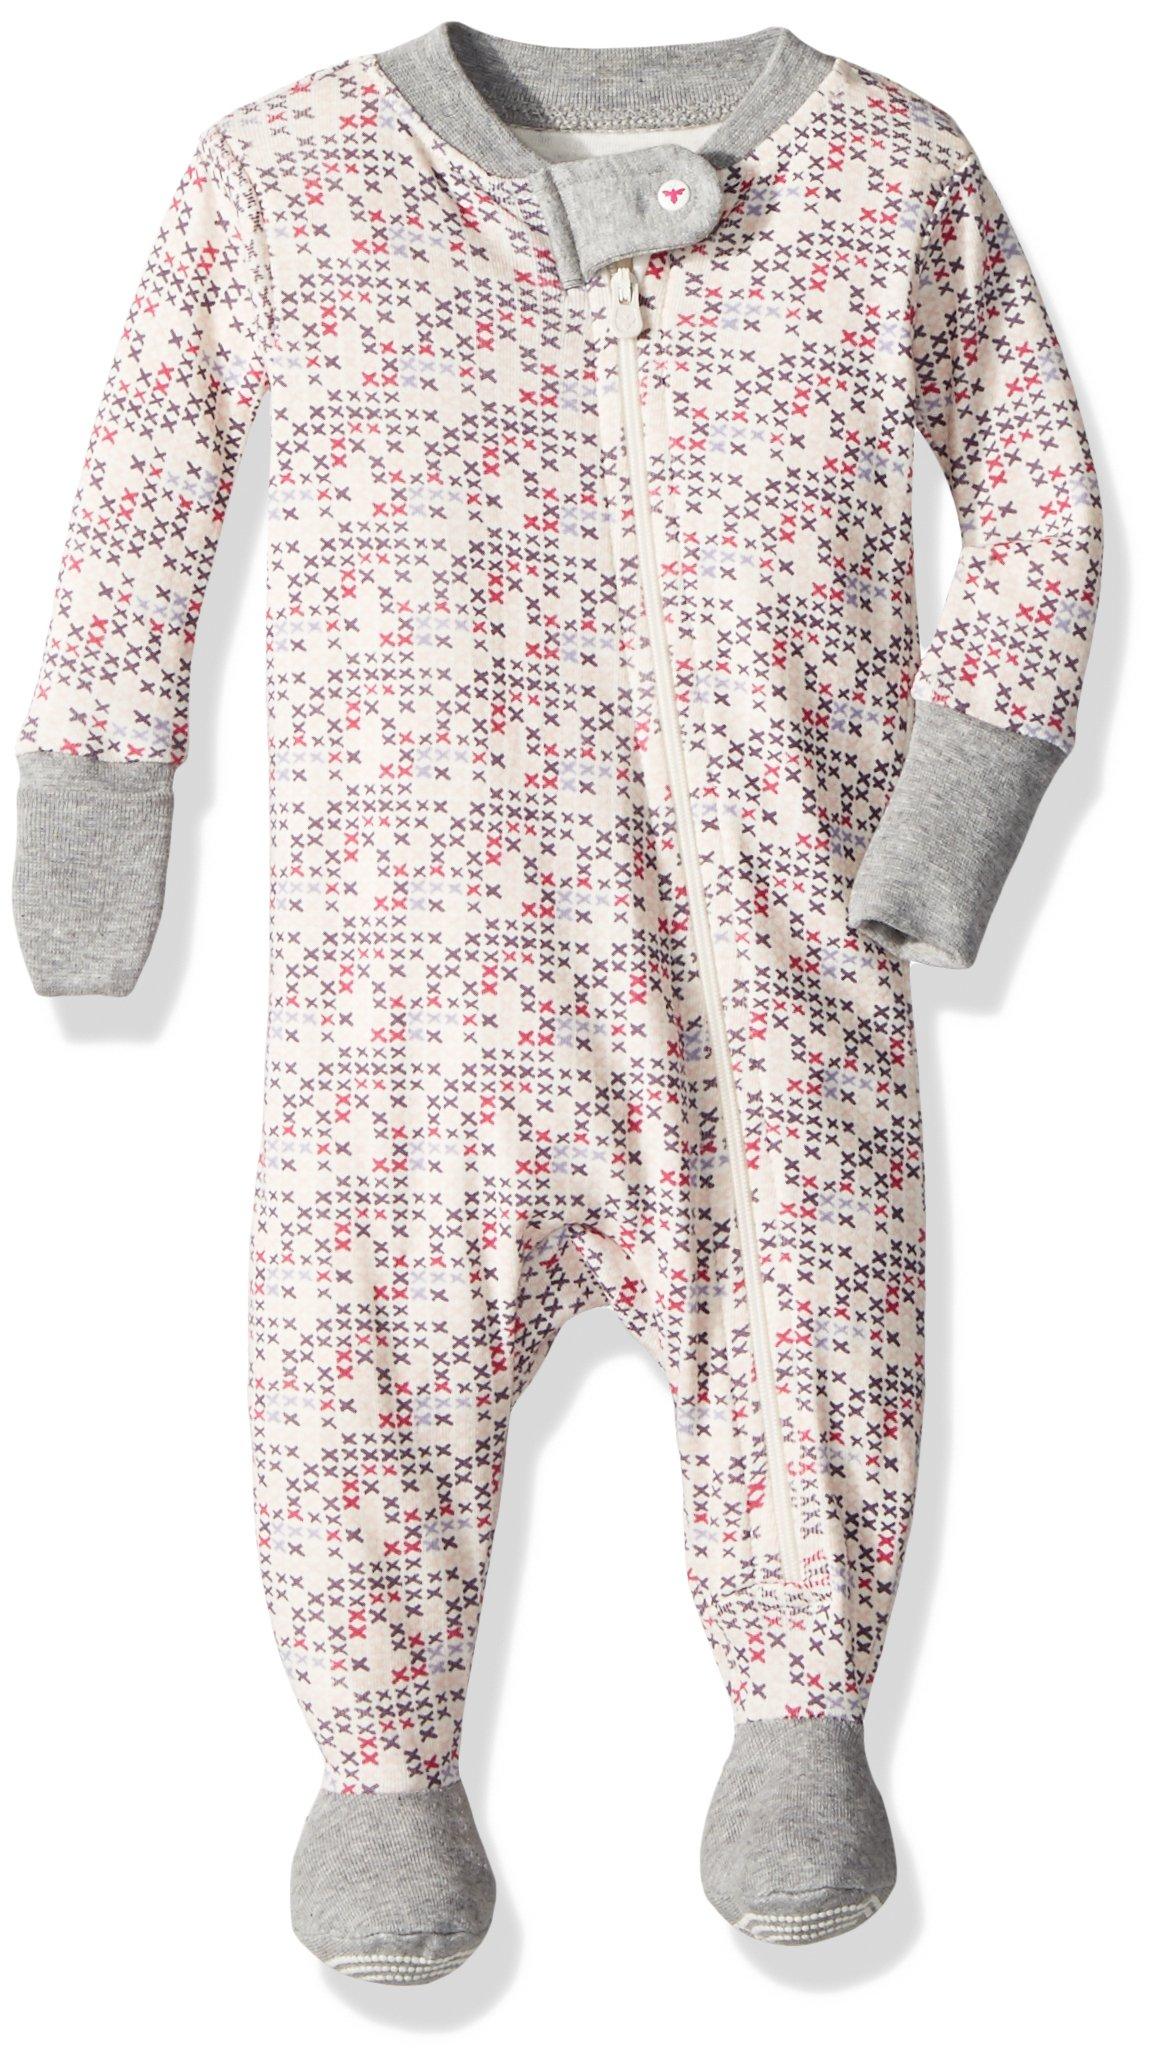 ca40490a63 Burt s Bees Baby Baby Girls Pajamas